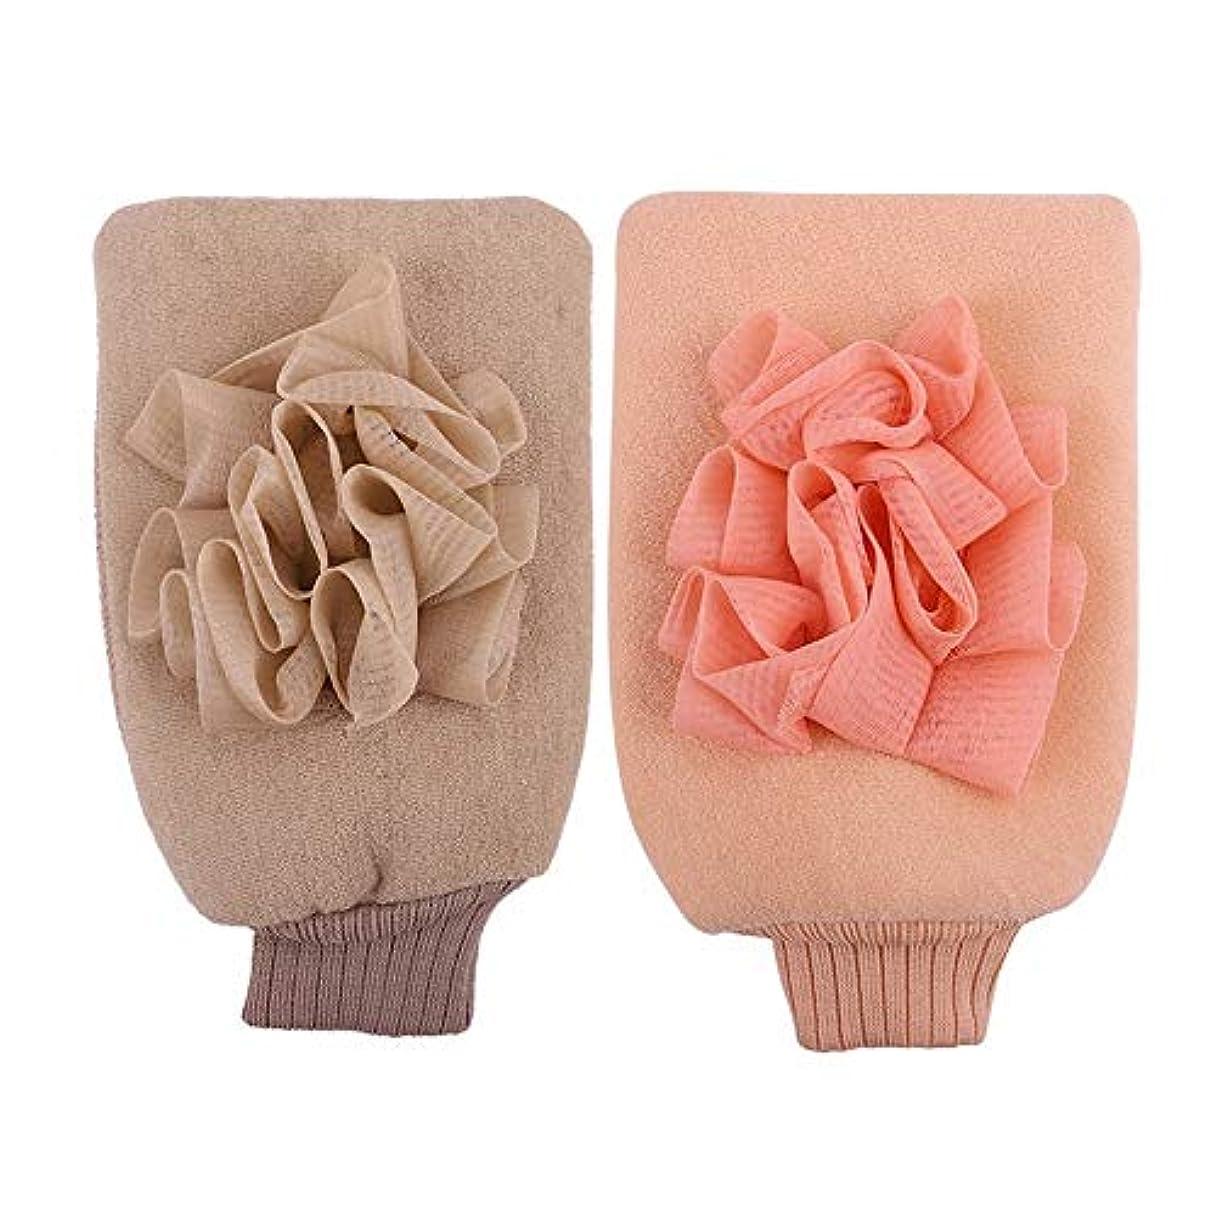 六特殊バンガローBTXXYJP お風呂用手袋 シャワー手袋 あかすり手袋 ボディブラシ やわらか ボディタオル バス用品 男女兼用 角質除去 (Color : Pink+beige)